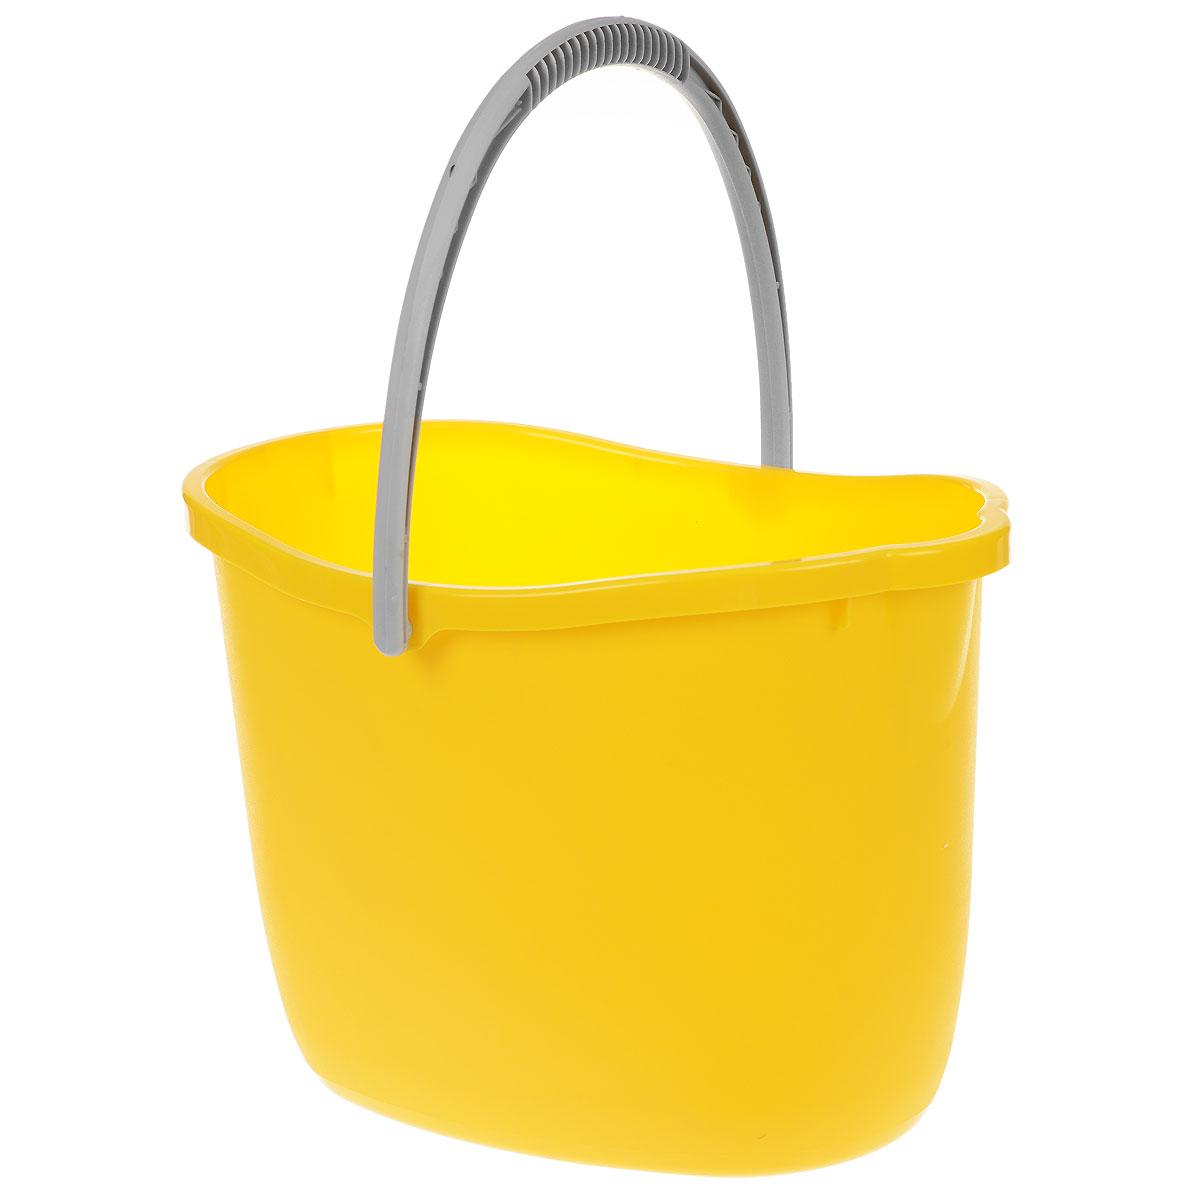 Ведро Apex, цвет: желтый, 15 л. 10365PANTERA SPX-2RSВедро Apex изготовлено из высококачественного цветного пластика. Оно легче железного и не подвержено коррозии.Уникальный дизайн и эргономическая форма ручки позволяет с комфортом и безболезненно переносить содержимое ведра.Такое ведро станет незаменимым помощником в хозяйстве.Размер (по верхнему краю): 26 см х 37 см.Высота (без учета ручки): 26 см.